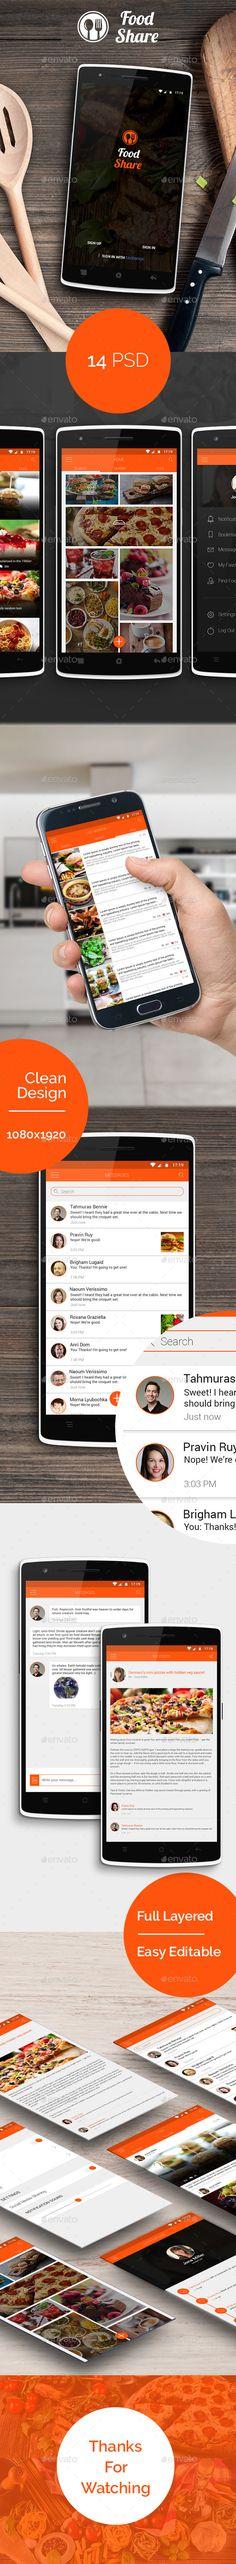 Großzügig Iphone App Drahtmodell Vorlage Galerie - Beispiel ...